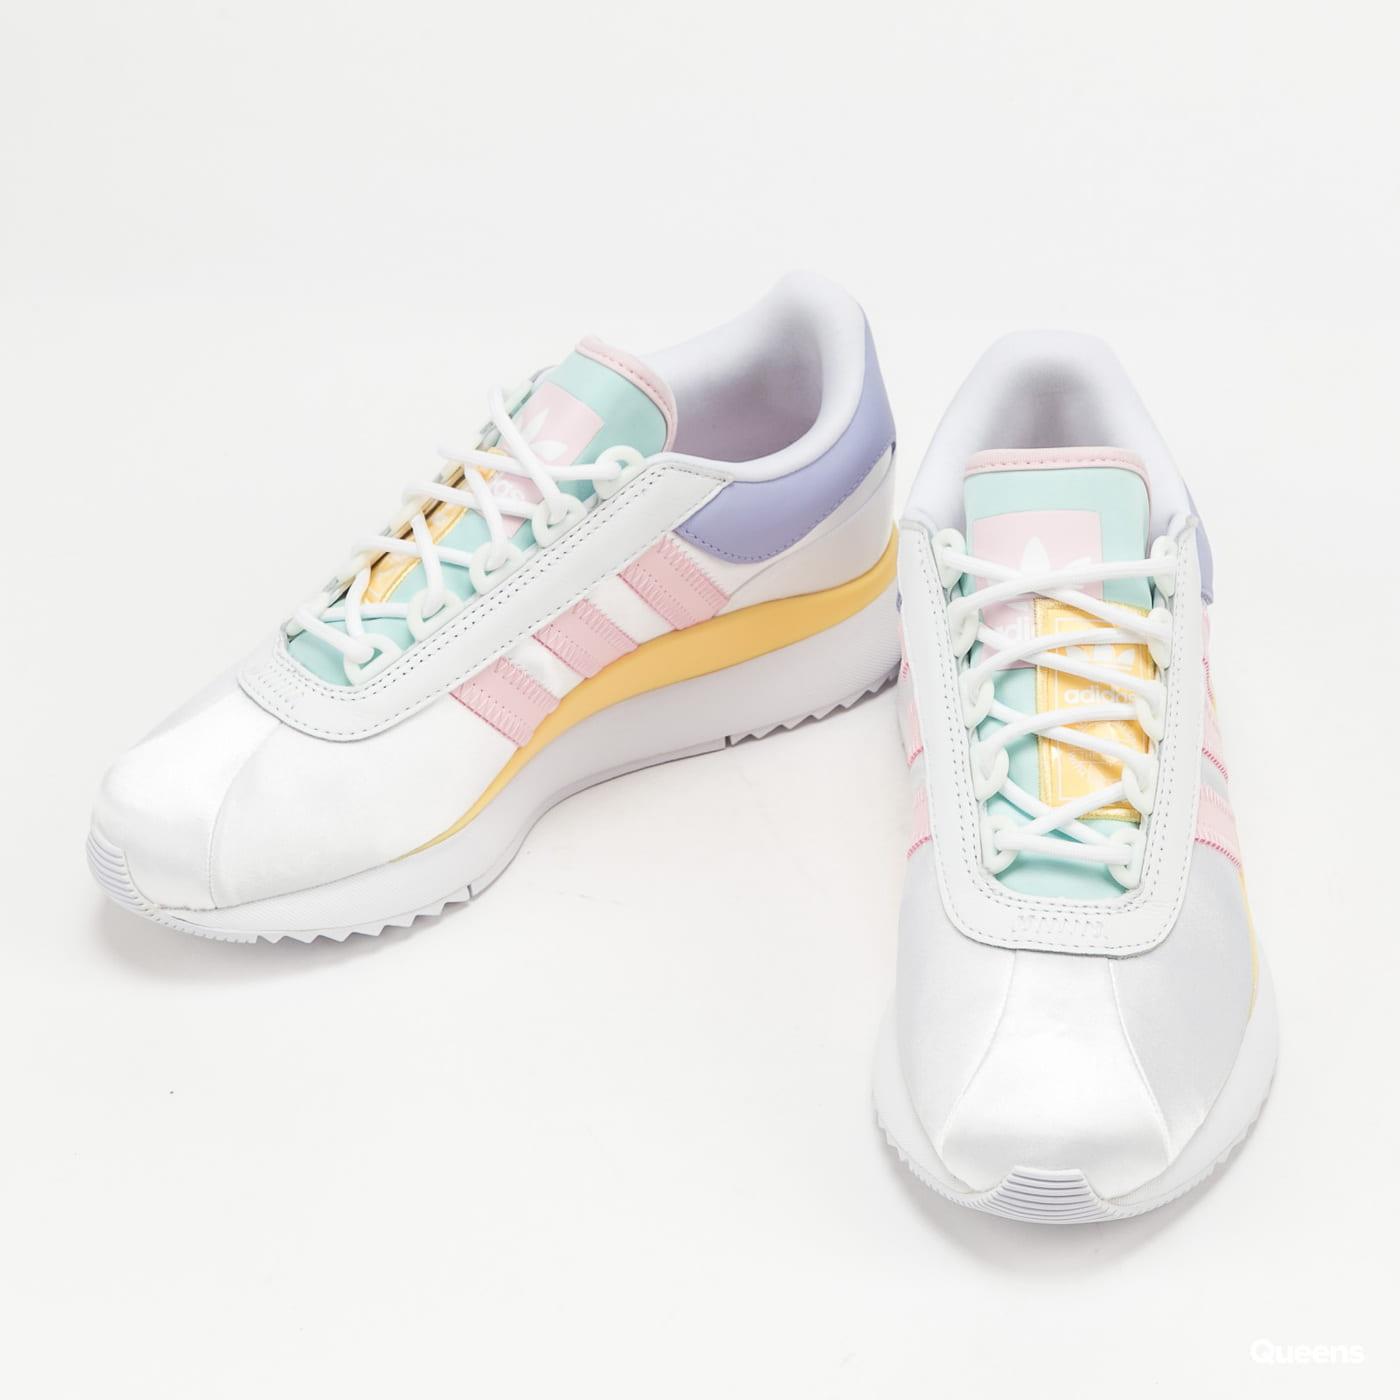 adidas Originals SL Andridge W ftwwht / clpink / vioton